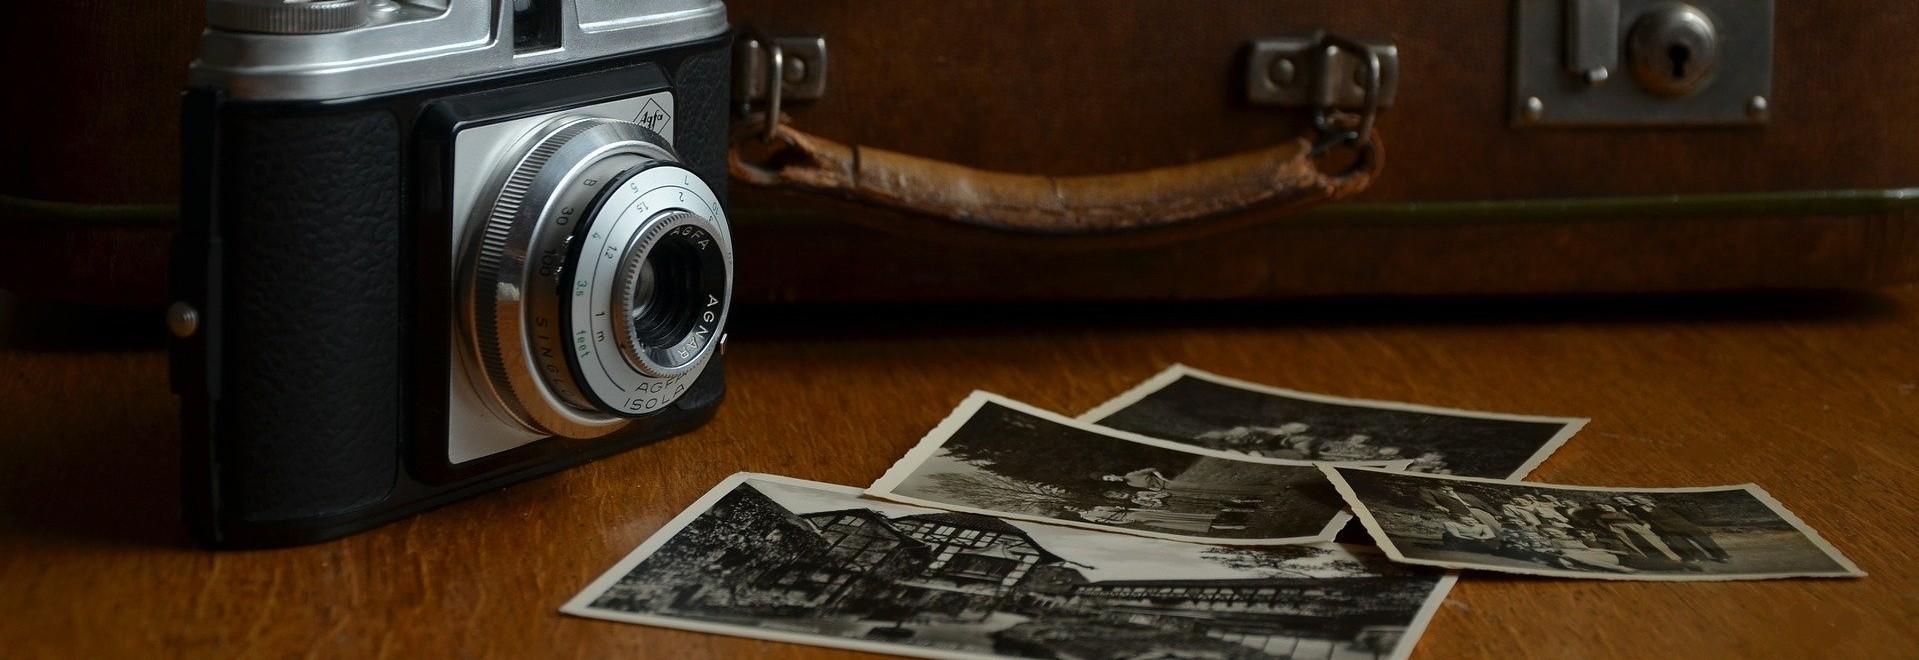 Développement et tirages photo argentique